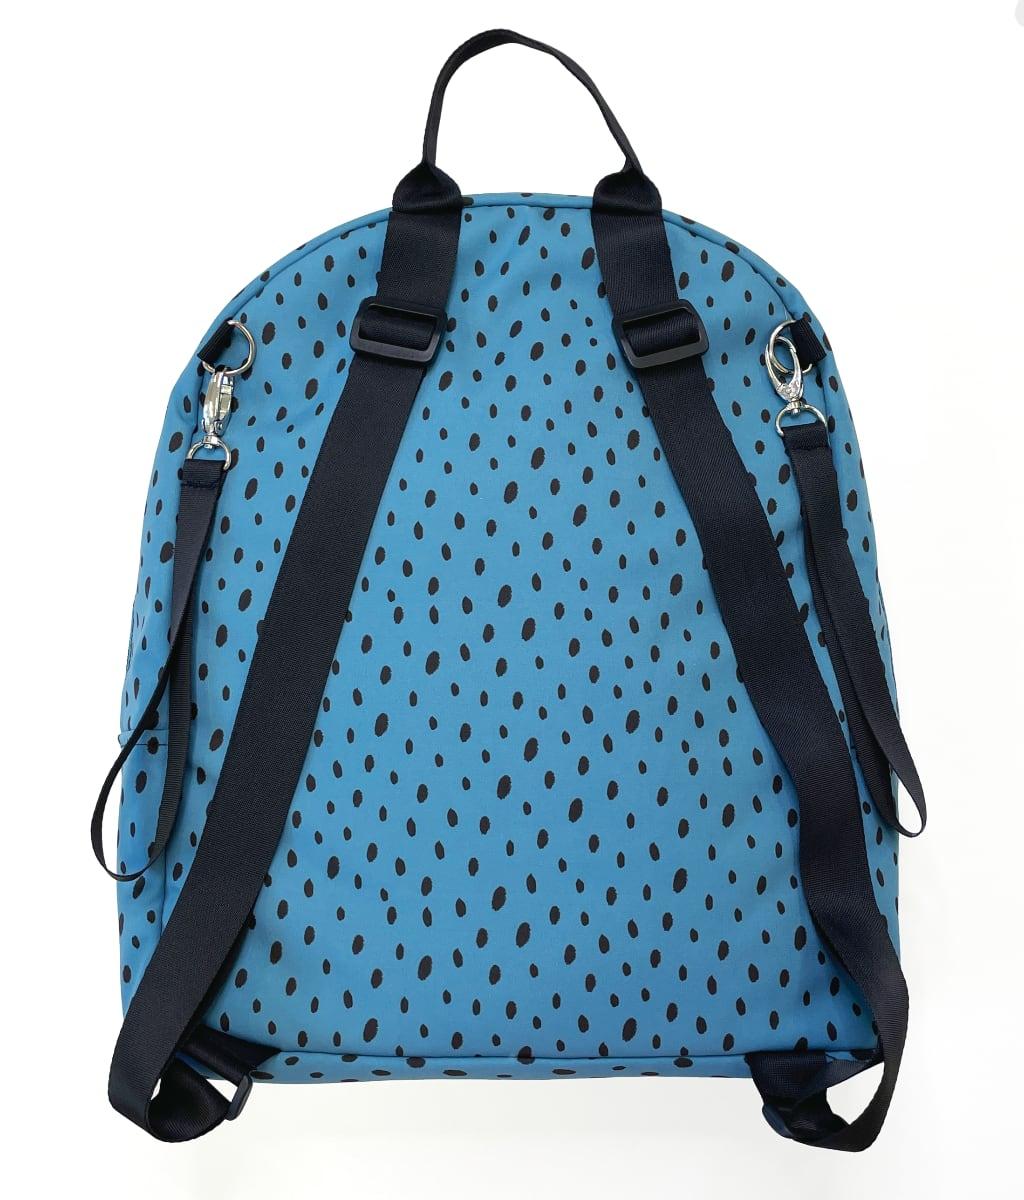 kliknutít zobrazíte maximální velikost obrázku batoh Bugee Softshell Dots Blue